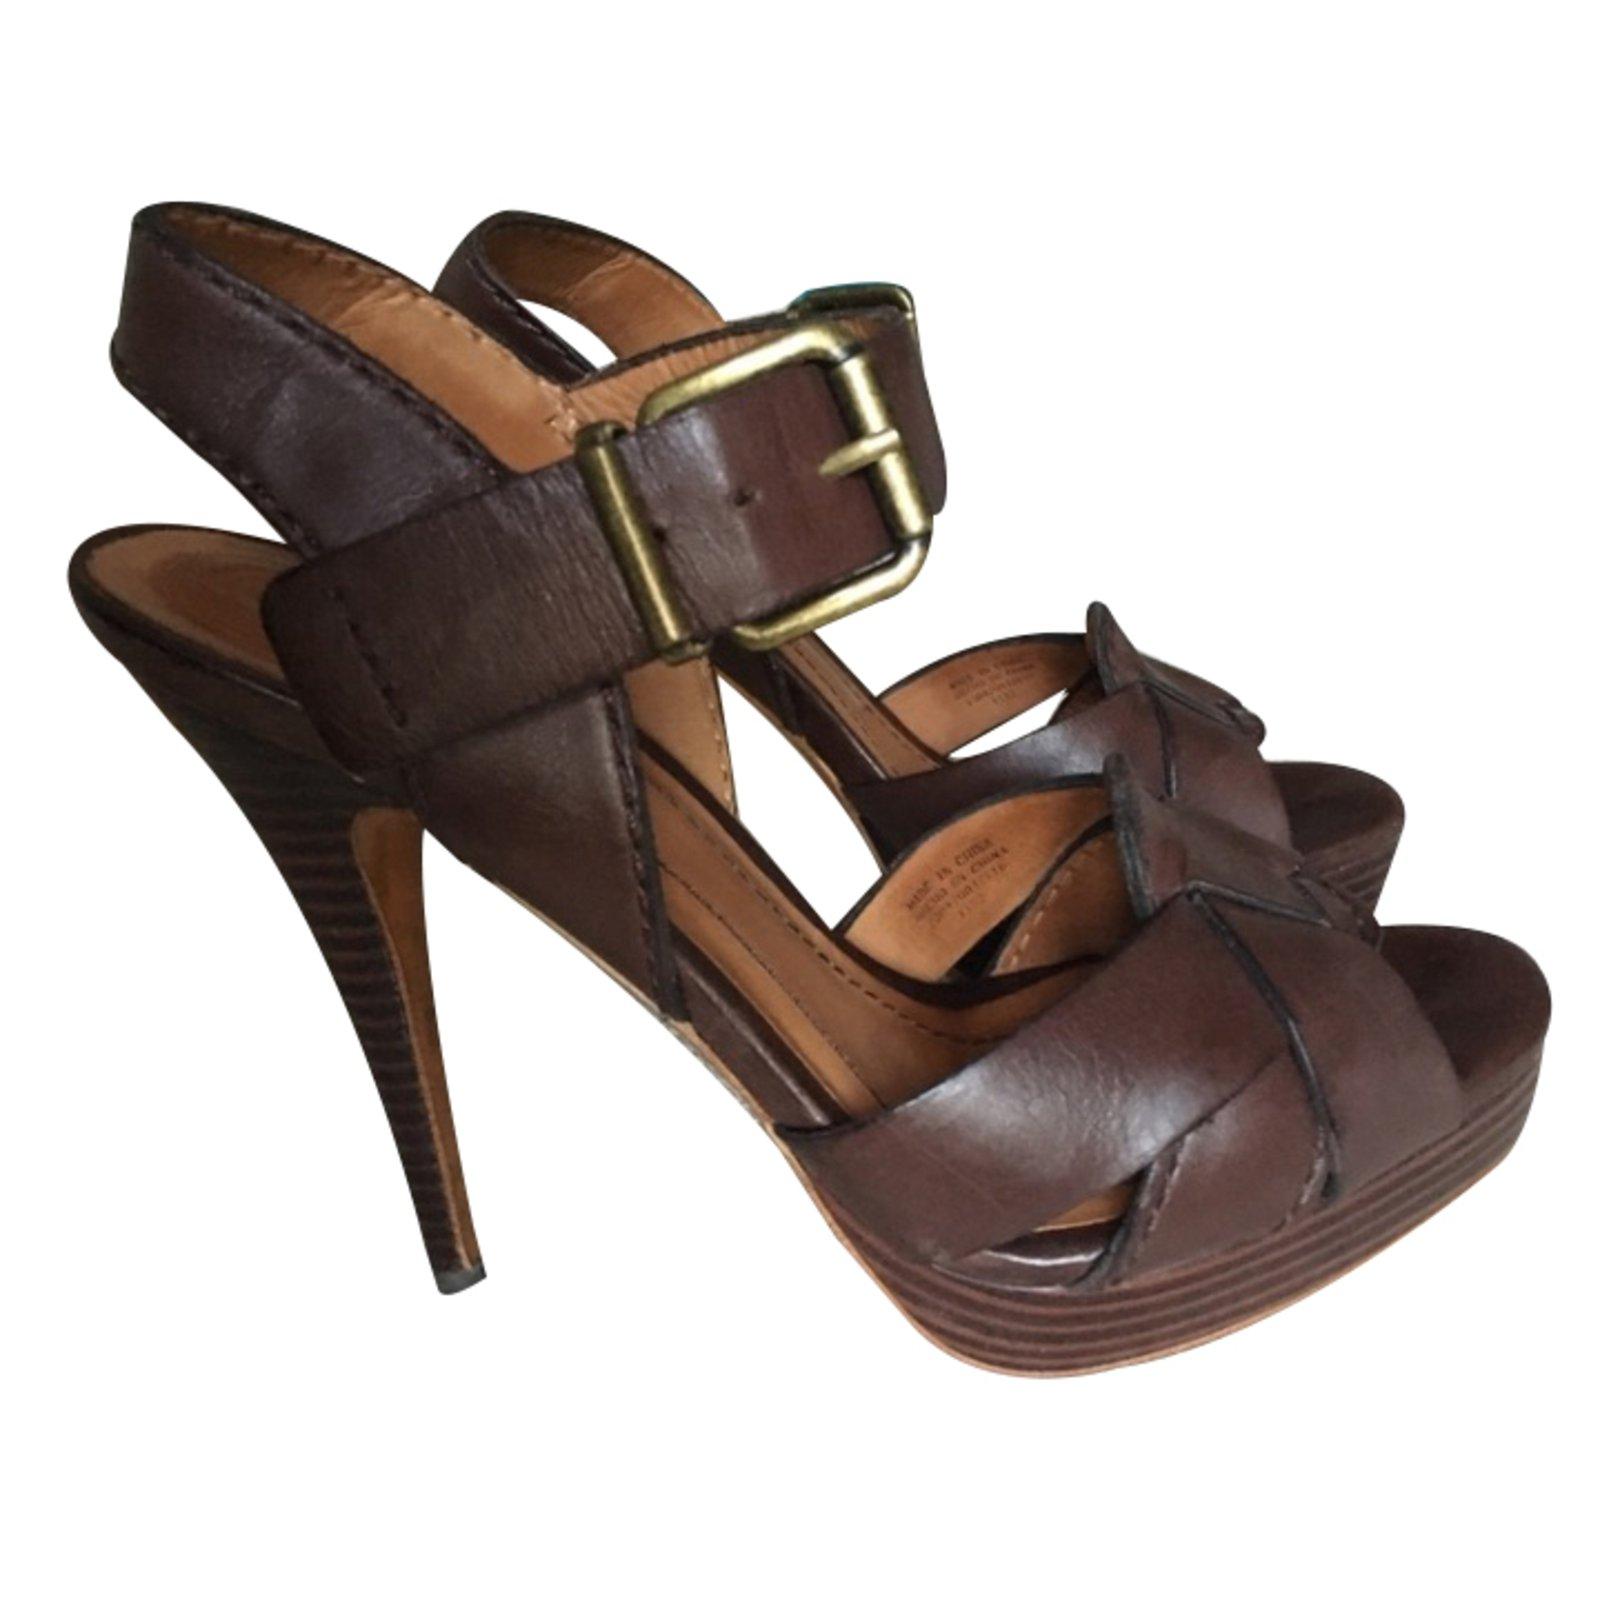 1f0f1121d8c Zara Sandals Sandals Leather Brown ref.33910 - Joli Closet